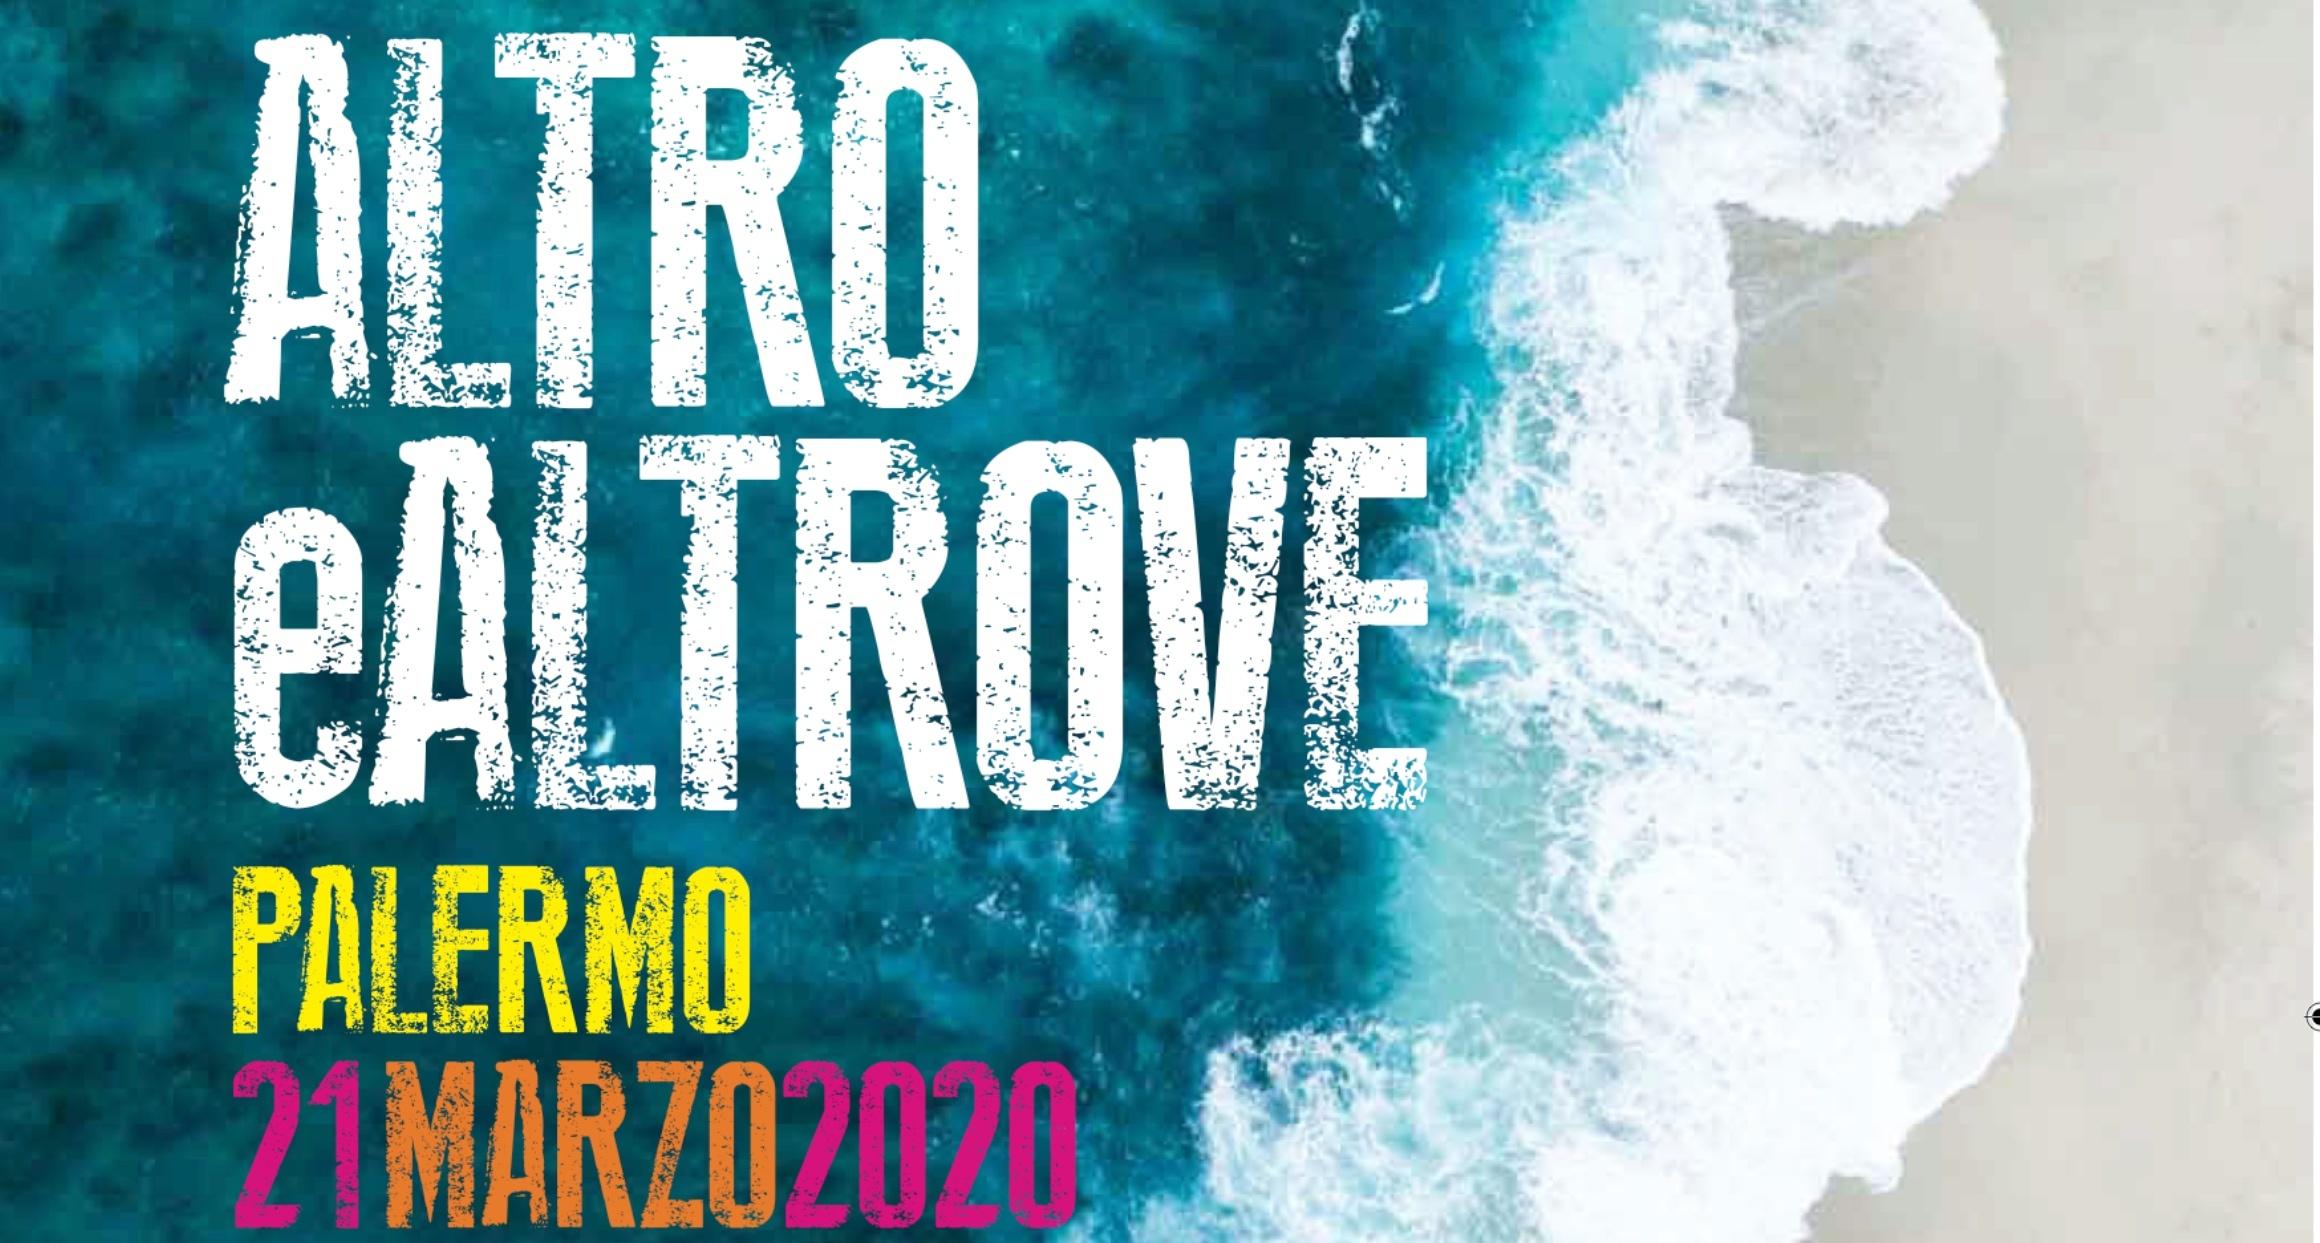 IL 21 MARZO A PALERMO E IN TUTTA ITALIA PER LA XXV GIORNATA DELLA MEMORIA E DELL'IMPEGNO IN RICORDO DELLE VITTIME INNOCENTI DELLE MAFIE